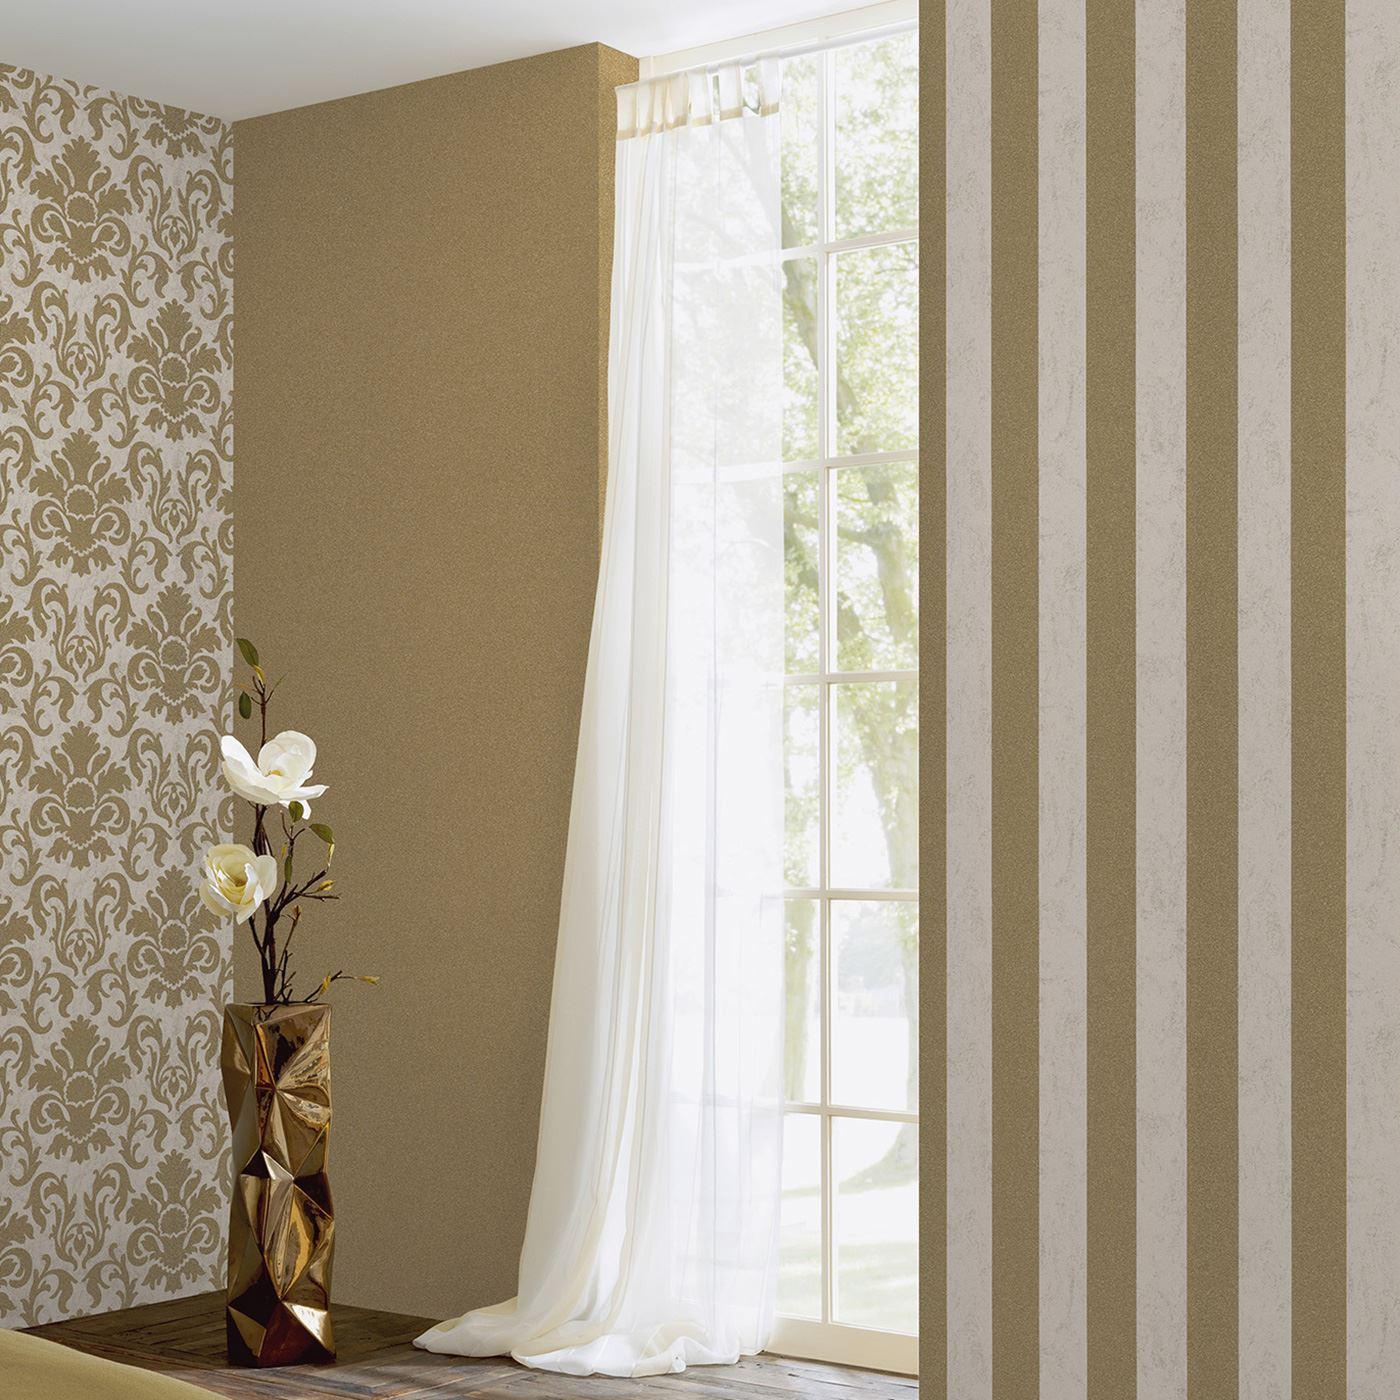 Gold Glitter Wall Decor : P s carat glitter wallpaper gold copper silver room